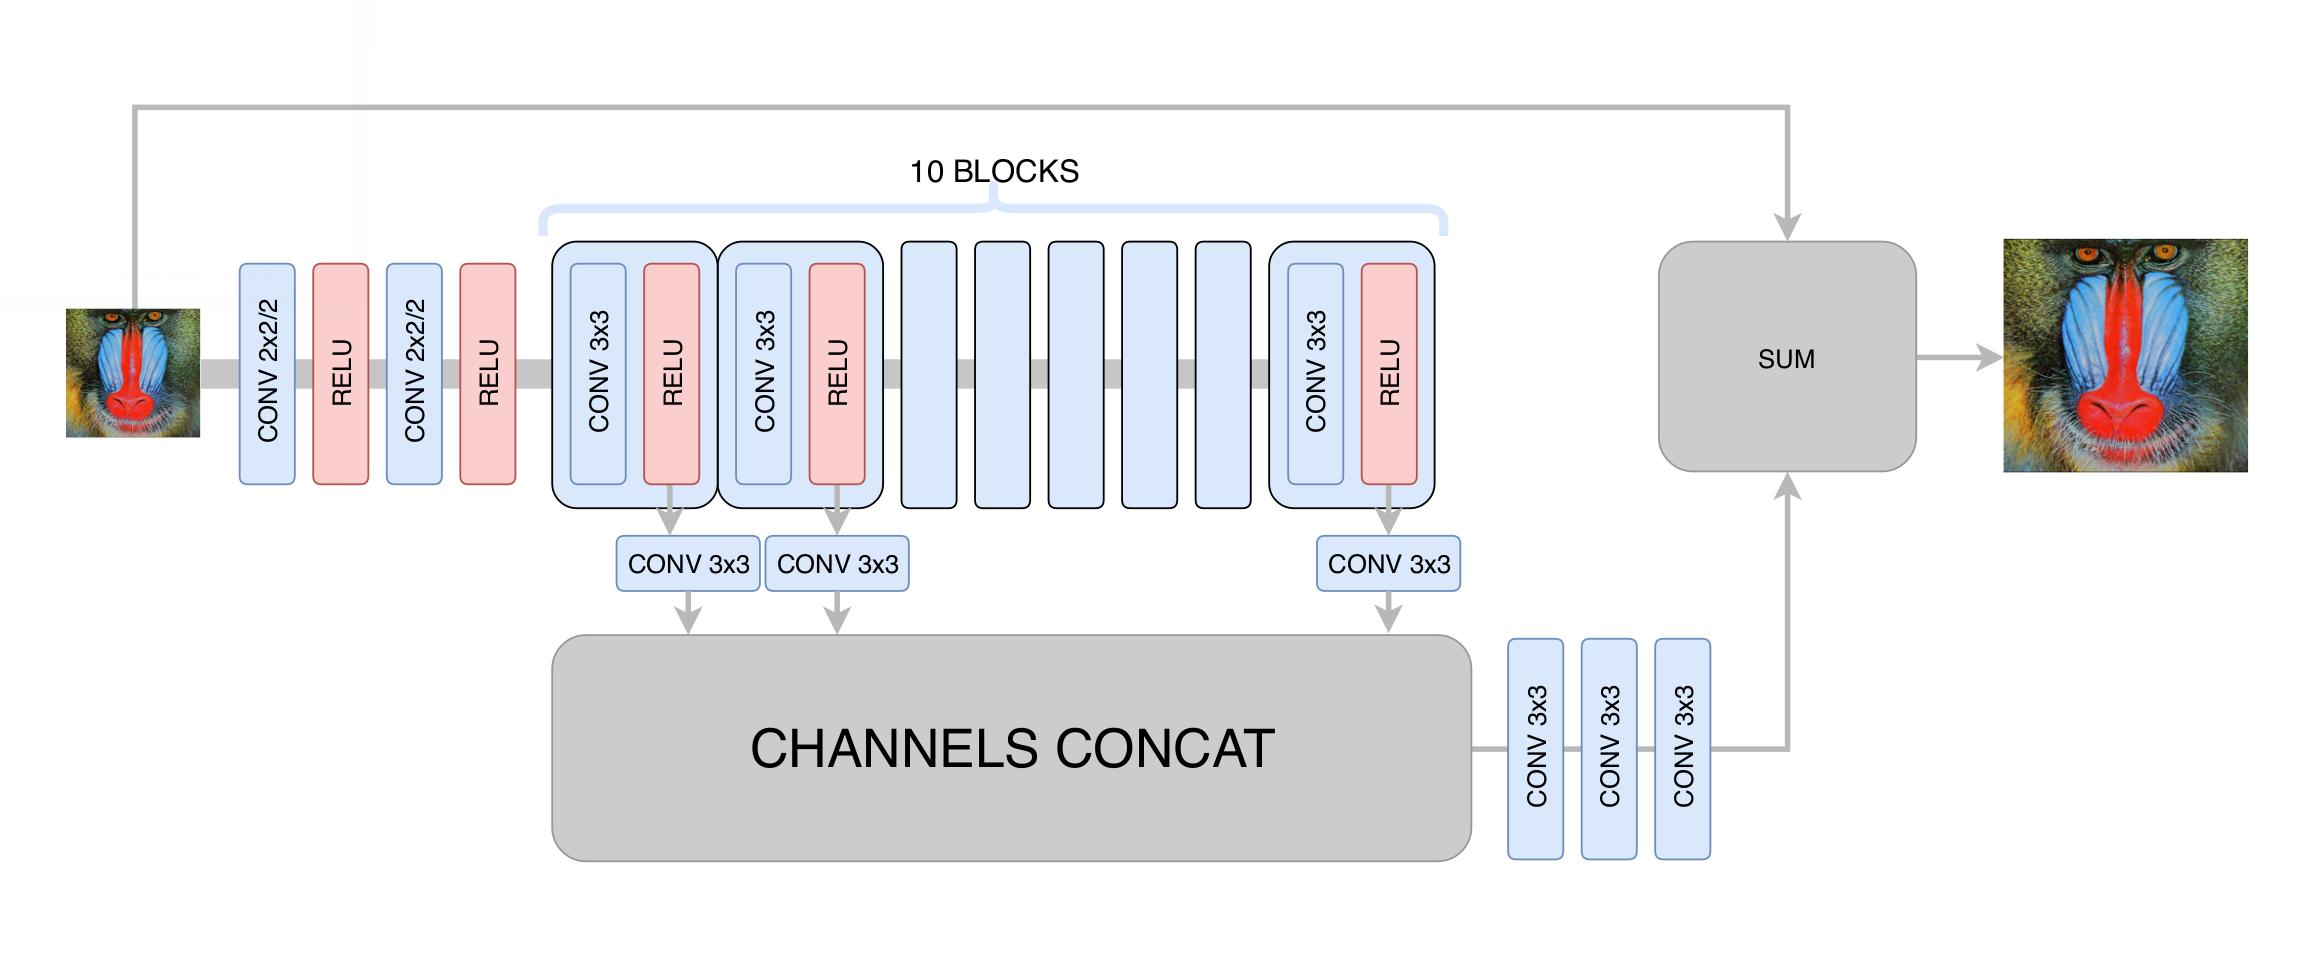 Как Яндекс применил компьютерное зрение для повышения качества видеотрансляций. Технология DeepHD - 5